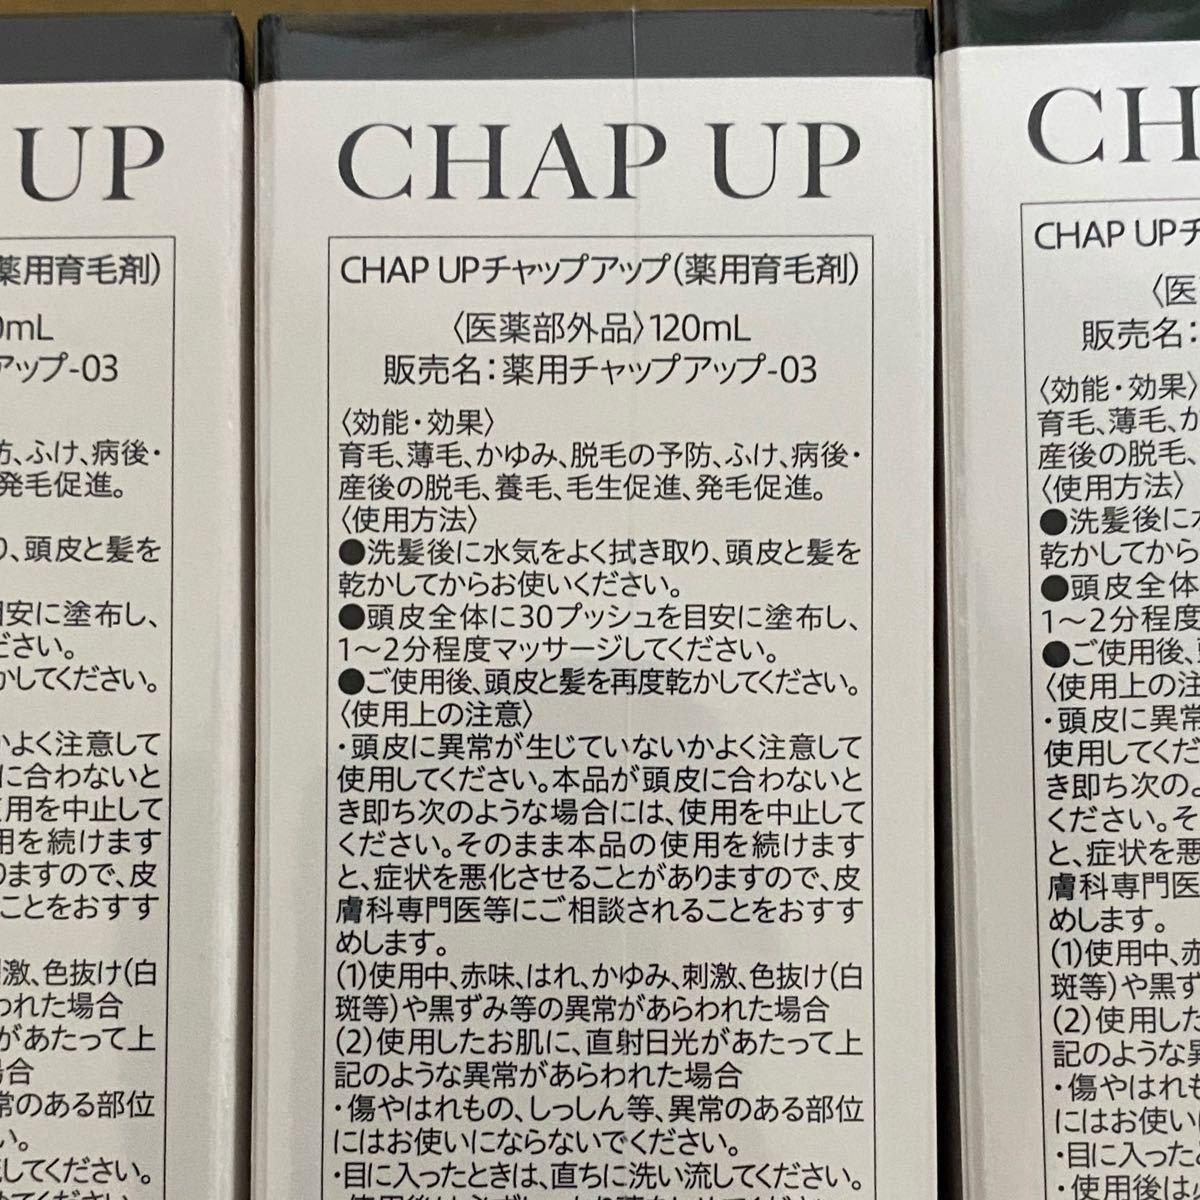 薬用 チャップアップ育毛剤 CHAP UP 育毛ローション 5本セット